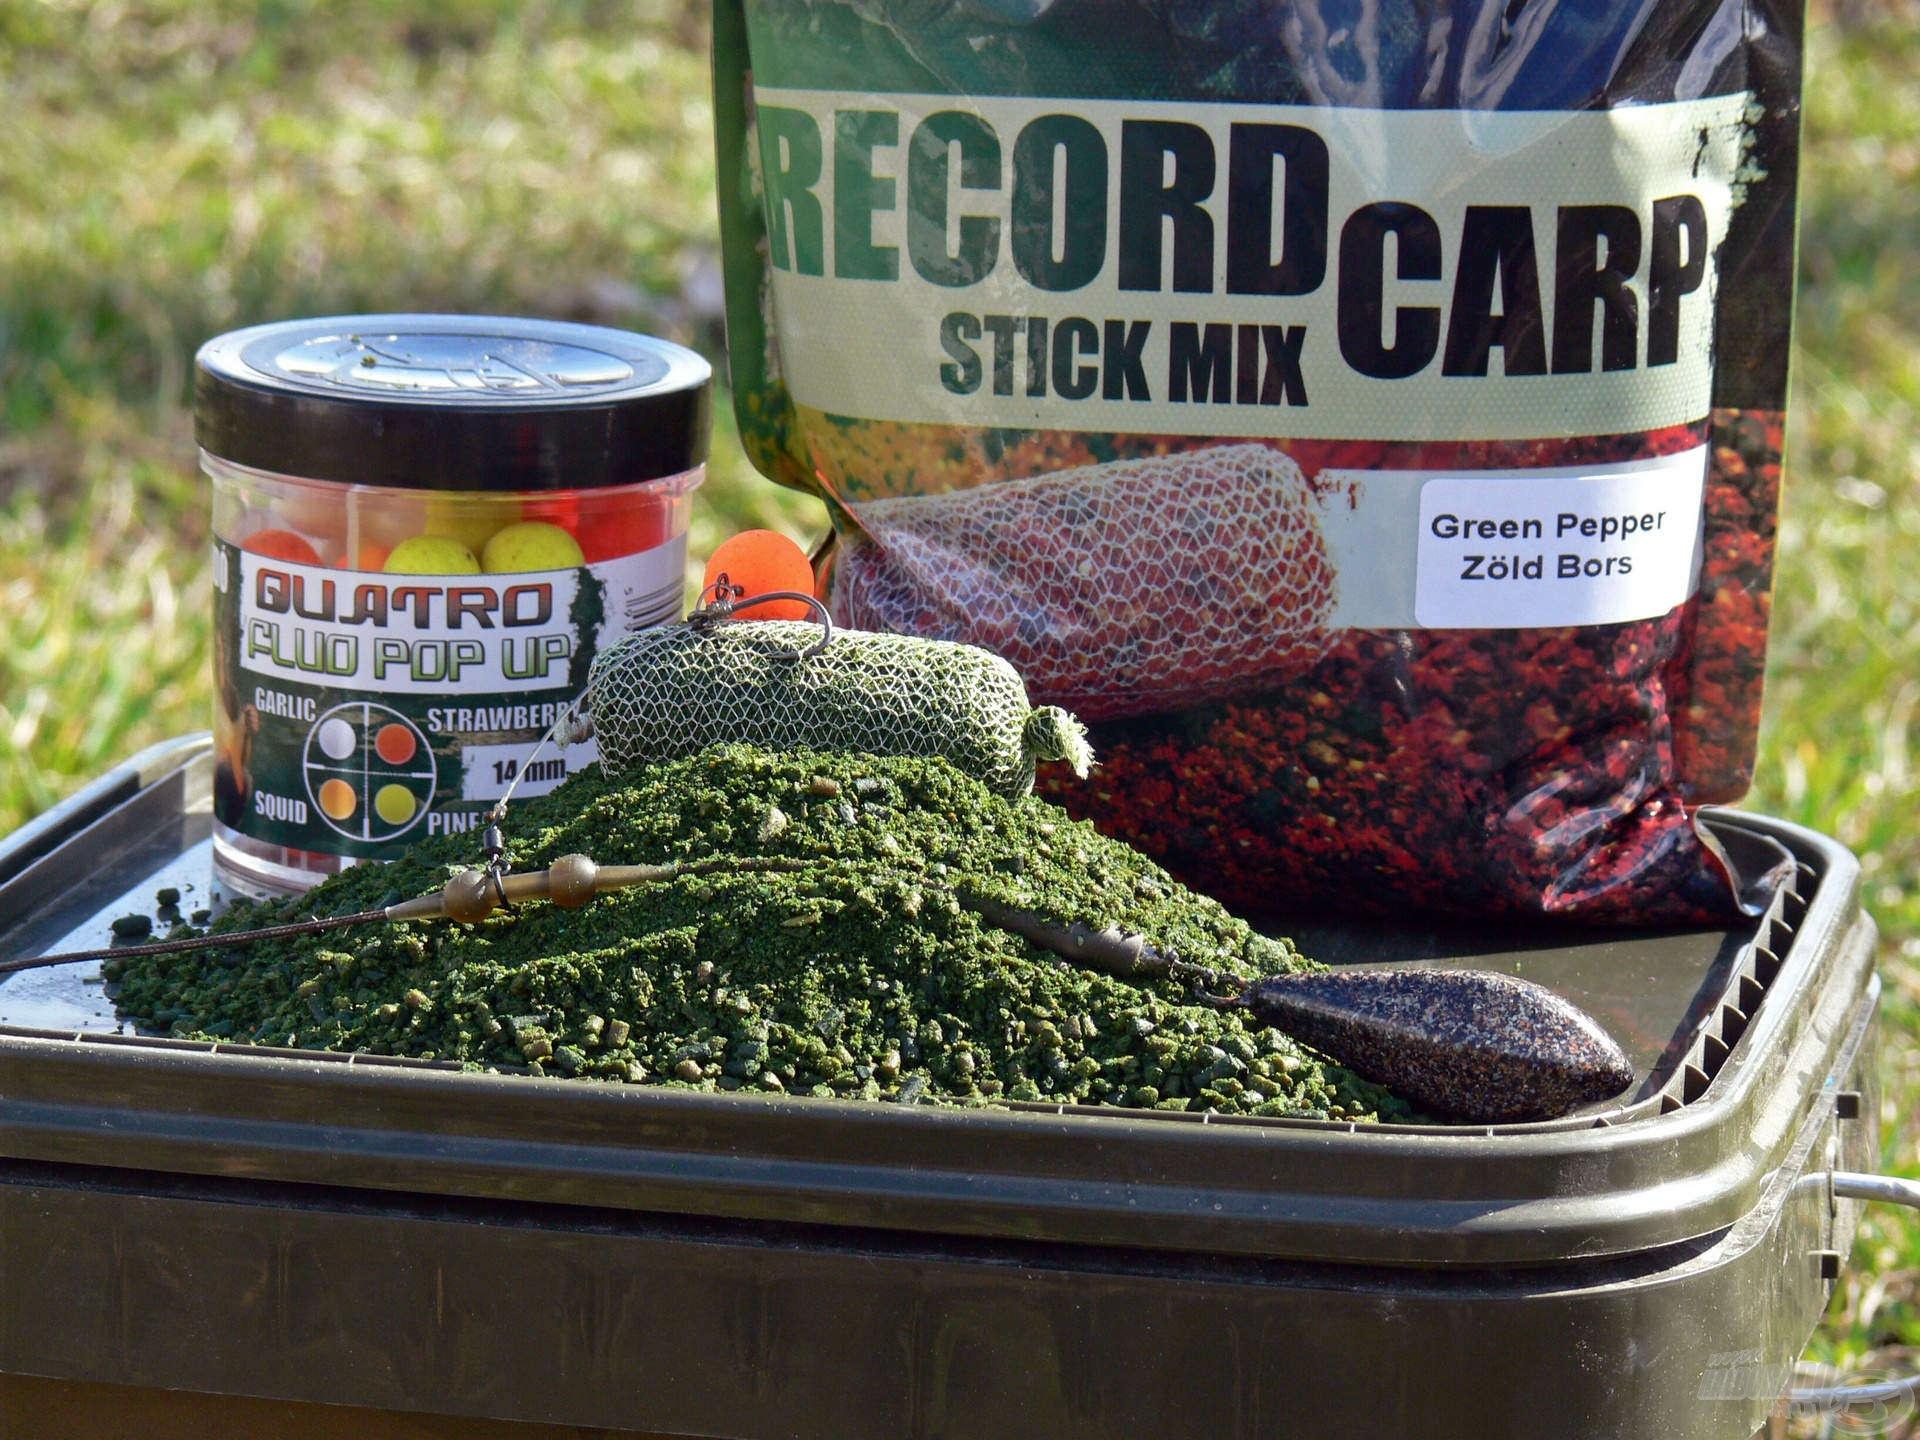 A hideg vízi horgászatok során a Zöld Bors ízesítésű Stick Mix a leghatásosabb